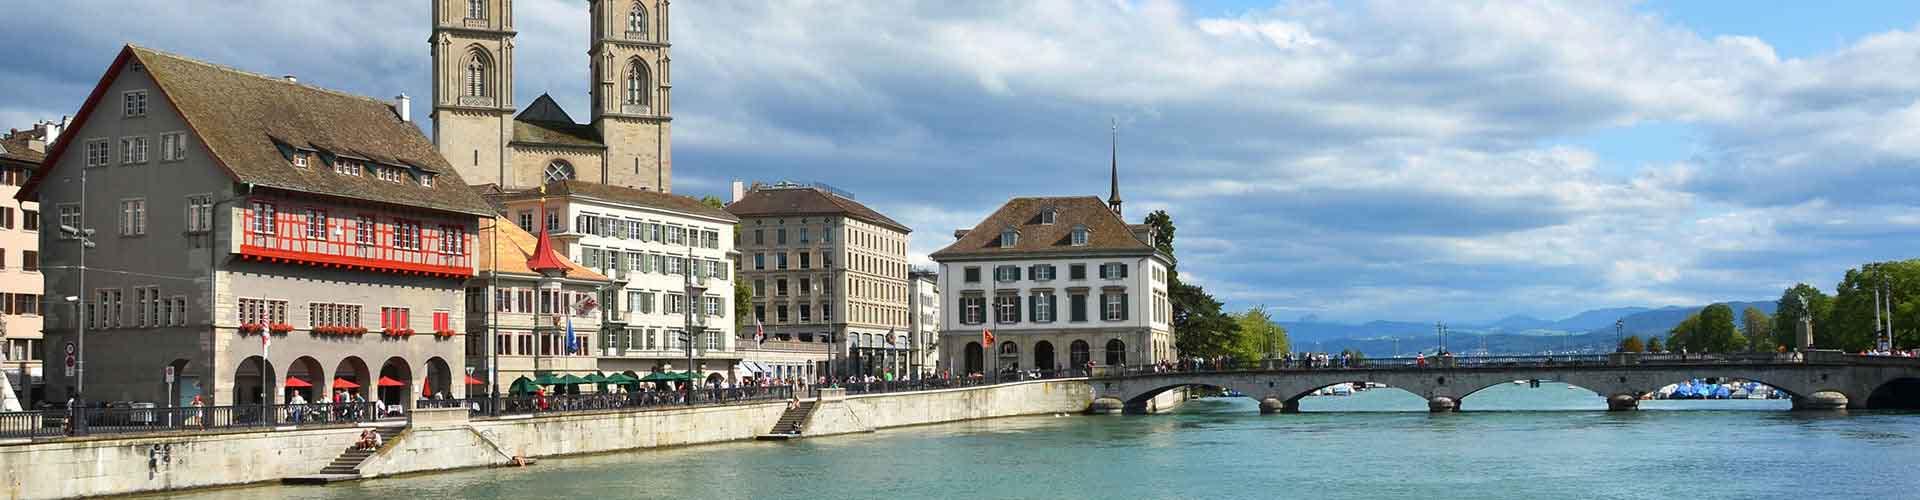 Zurich - Szobák Zurich. Zurich térképek, fotók és ajánlások minden egyes Zurich szobáról.